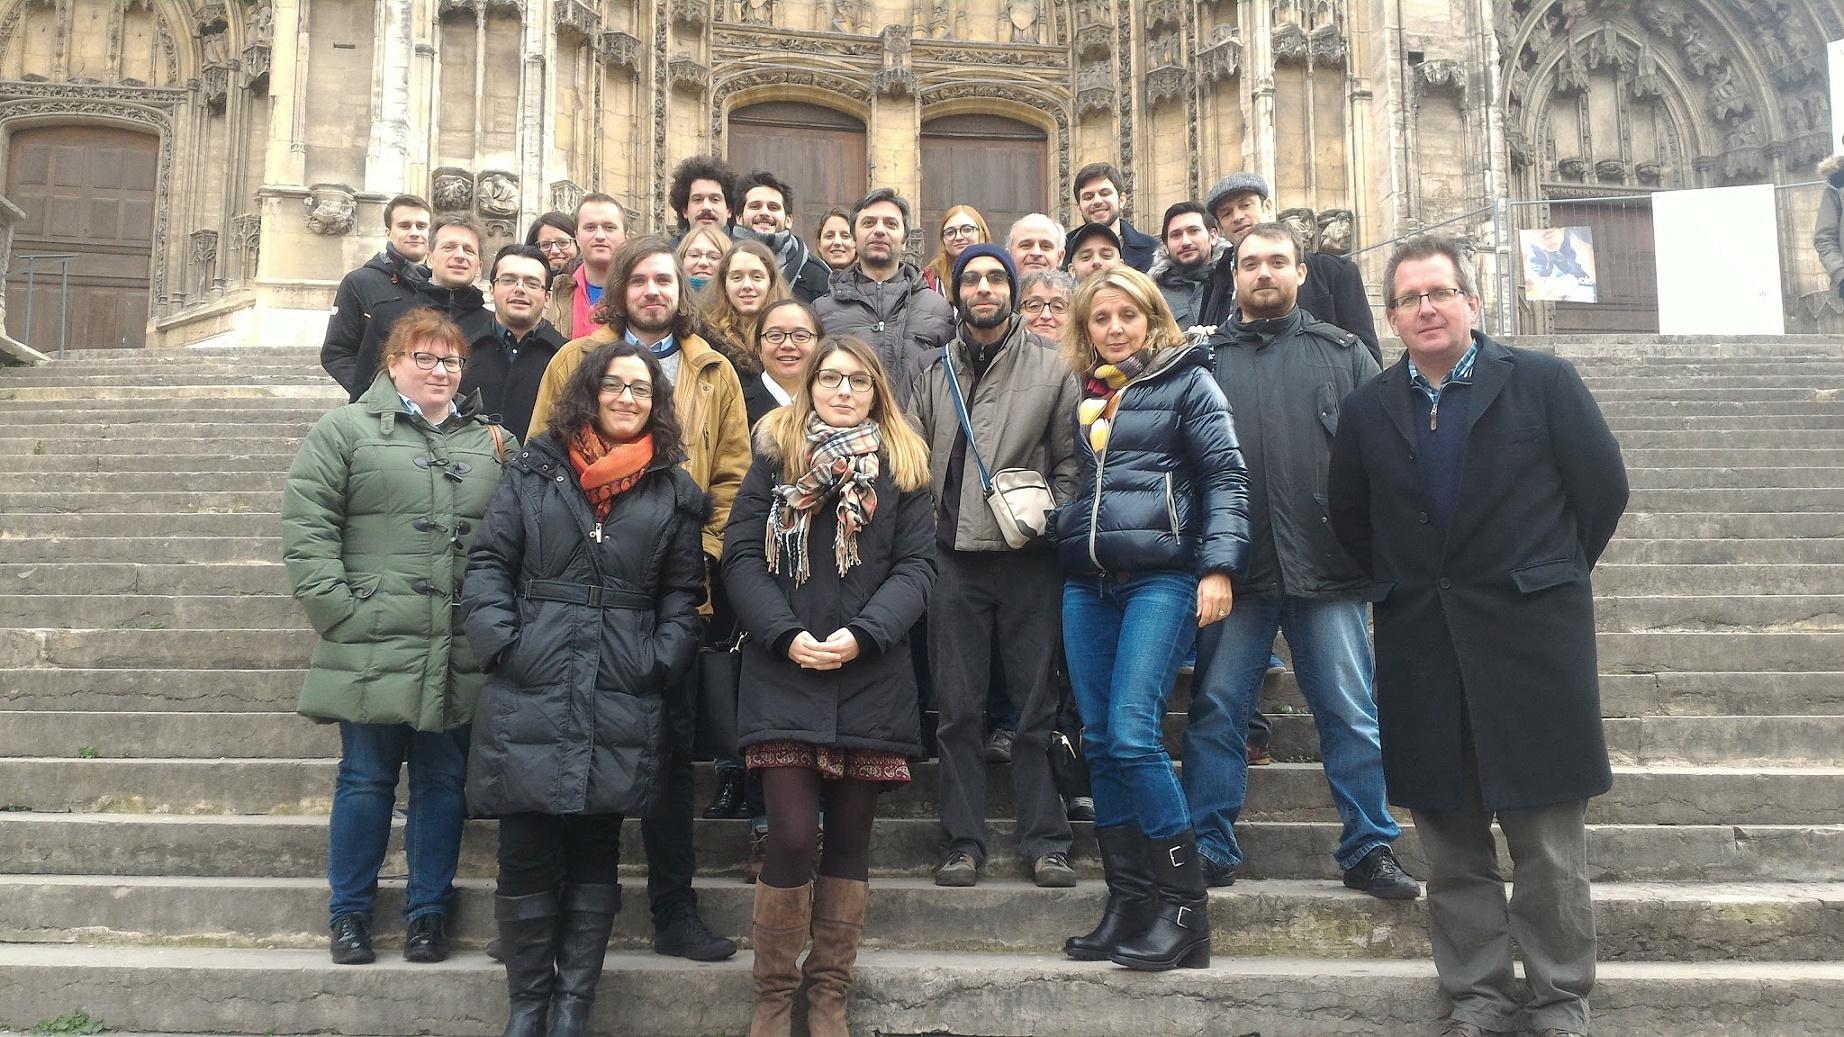 Físicos europeus posam para a foto junto com Adlène Hicheur (de gorro ao centro) durante o evento, em Vienne, no último dia 13 de dezembro. Foto de amigos